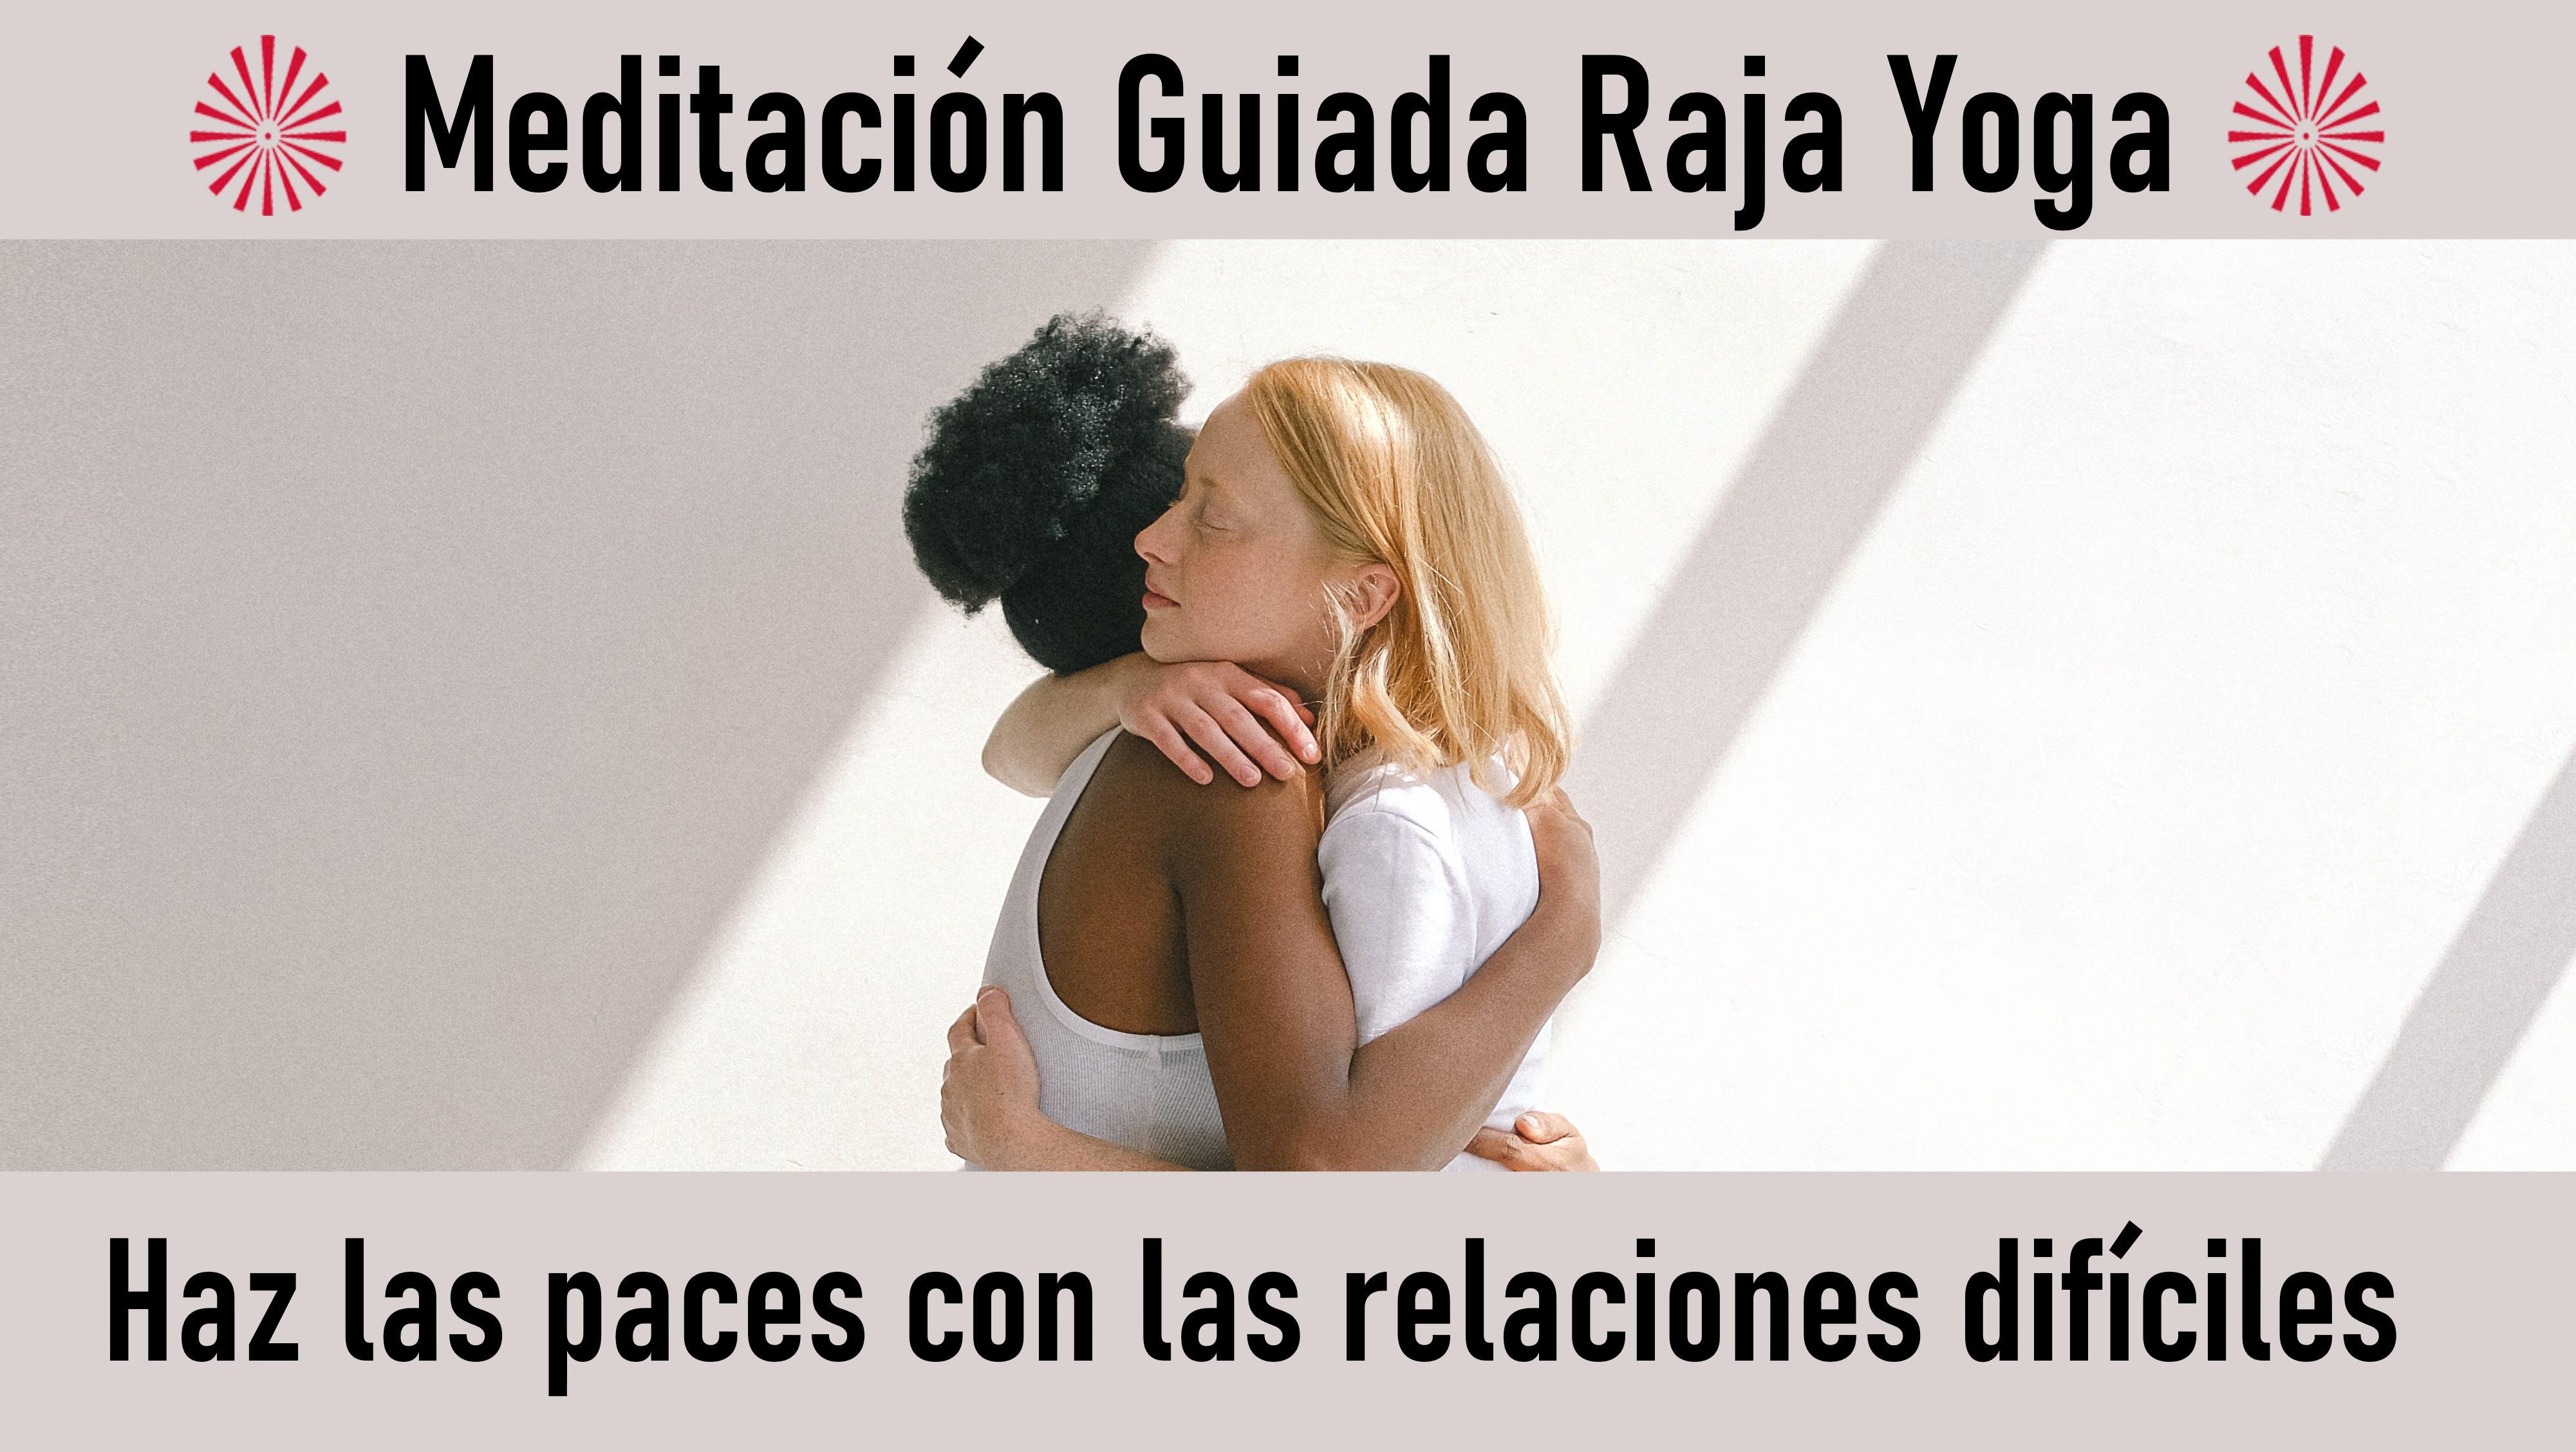 12 Octubre 2020 Meditación guiada: Haz las paces con las relaciones difíciles